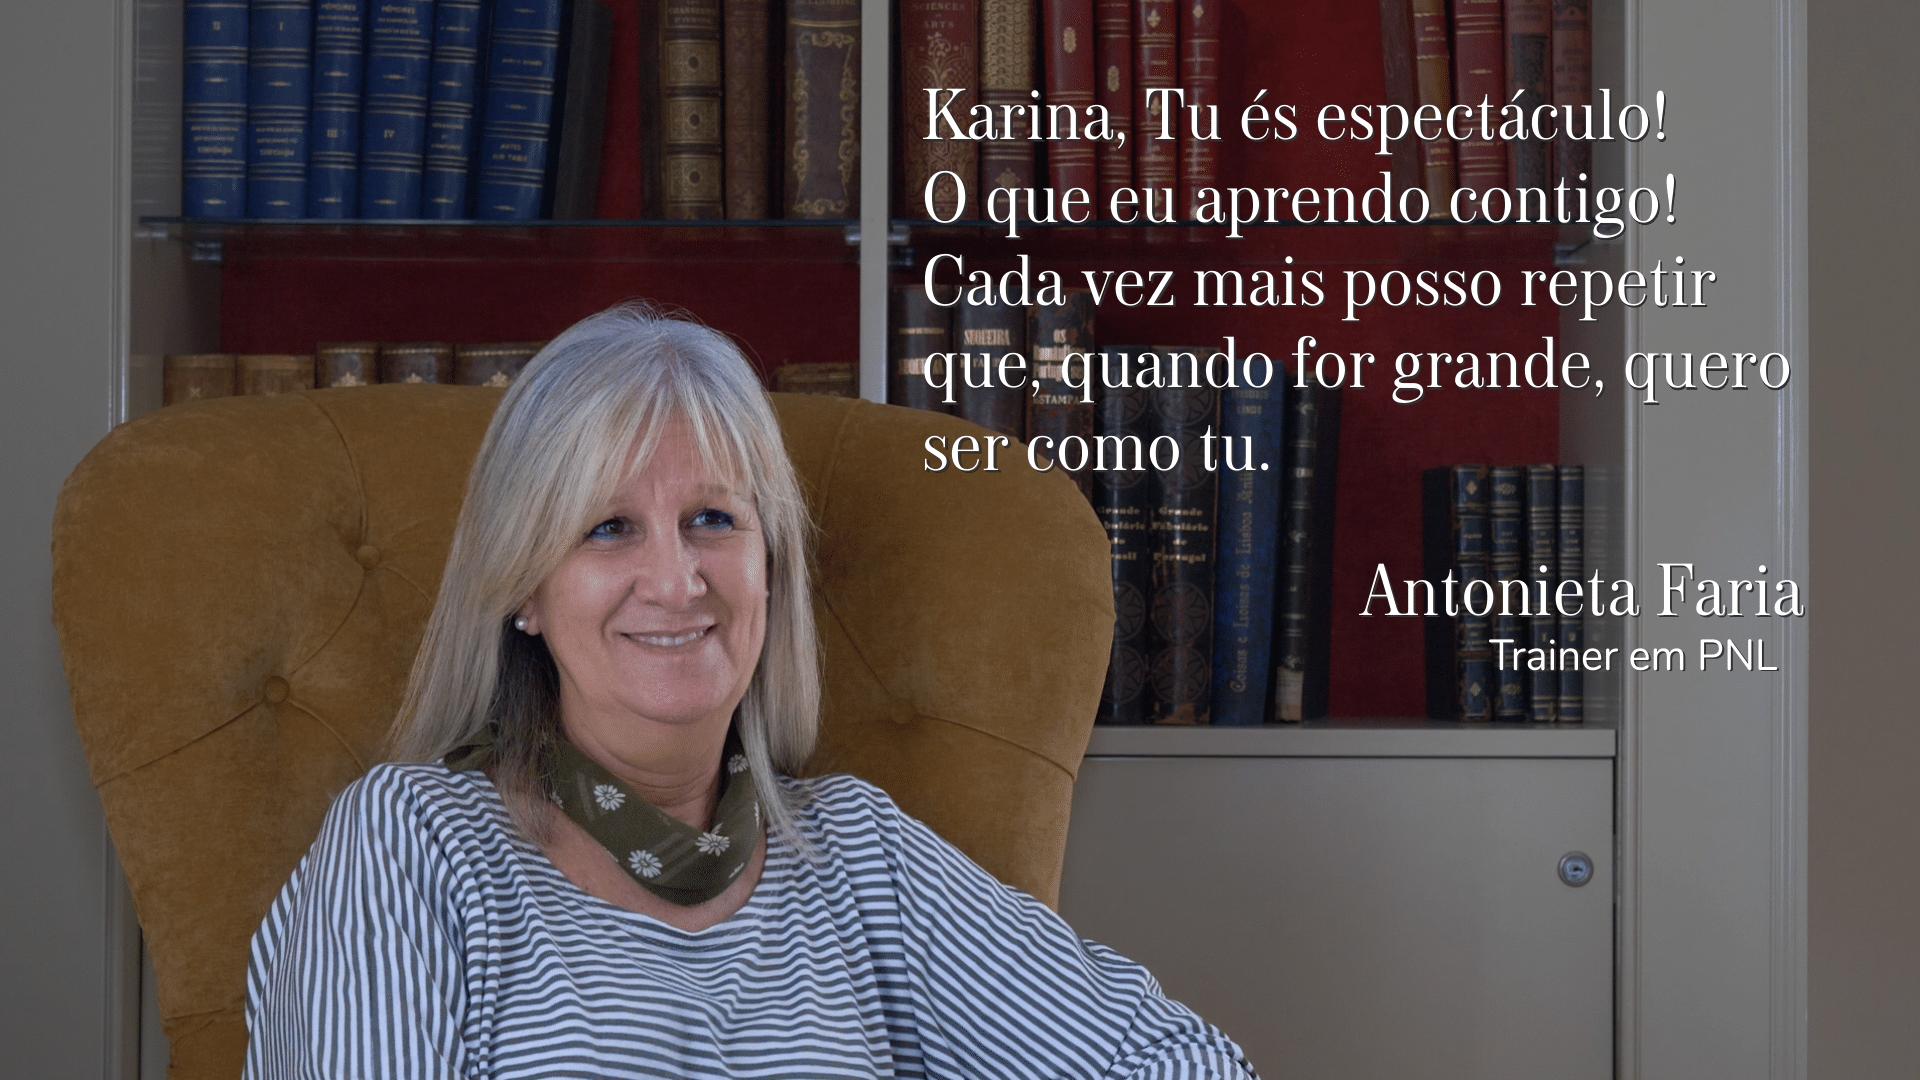 SC_Antonieta_Faria2